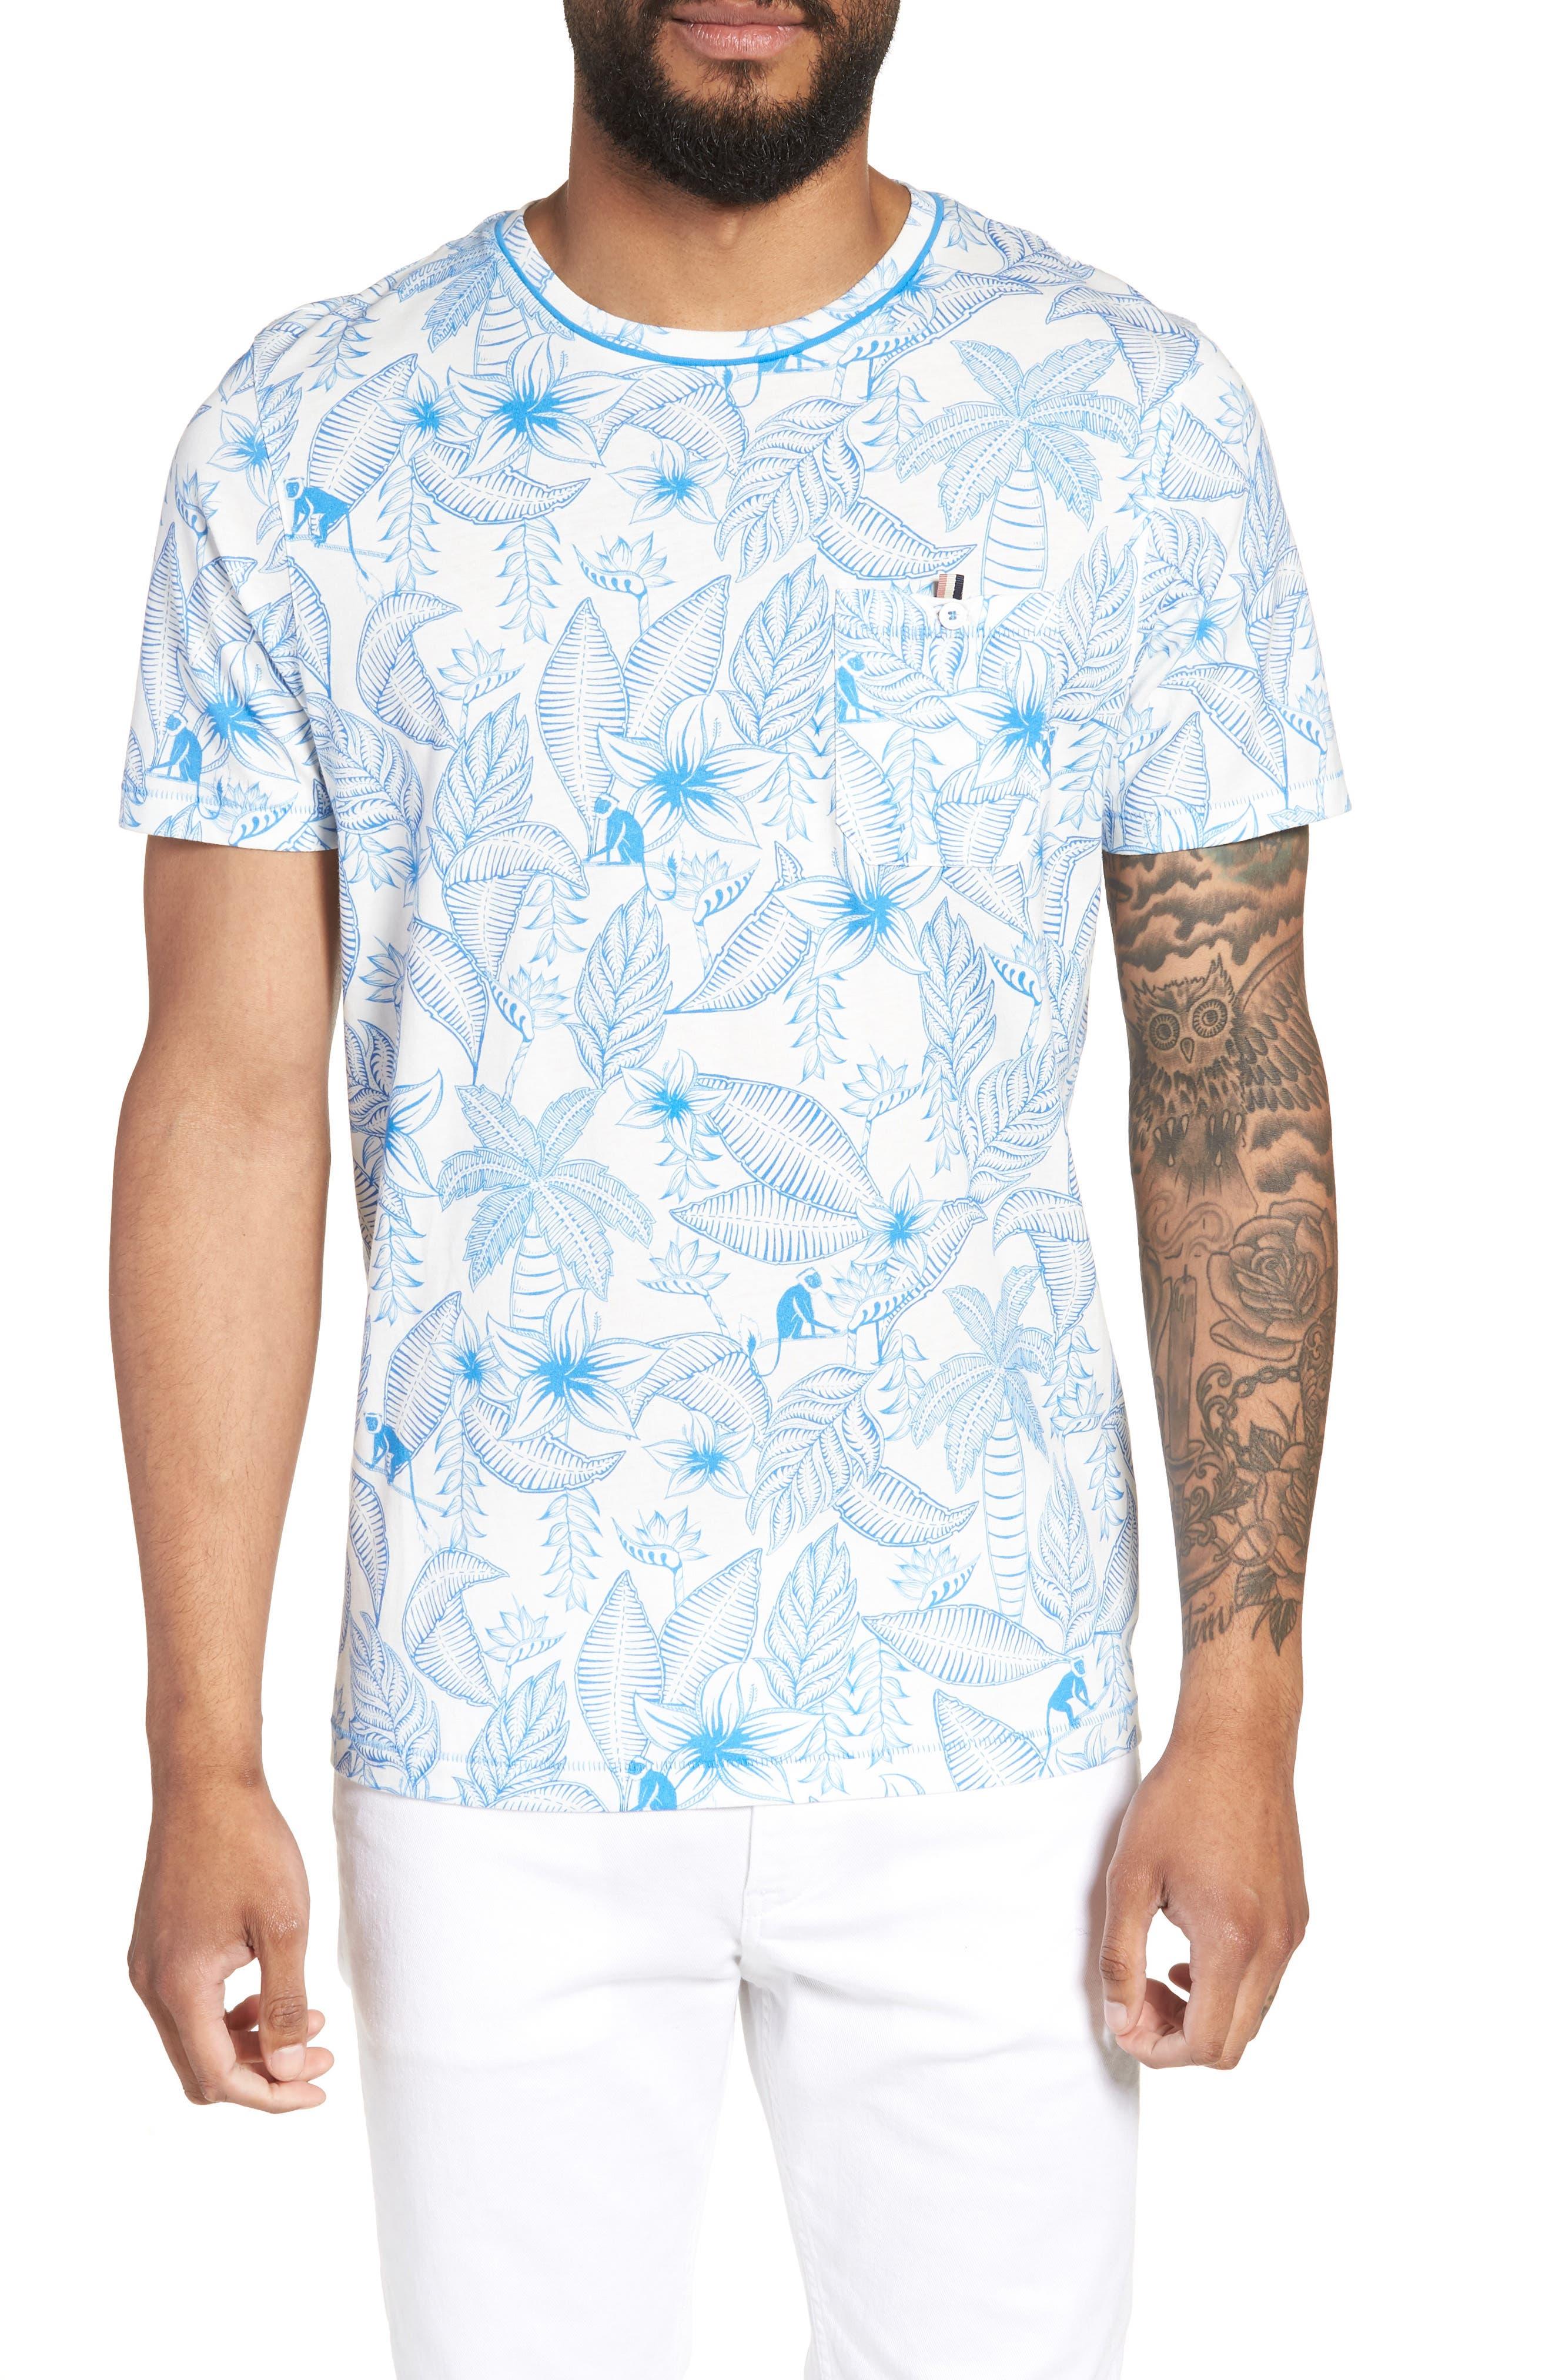 Bengel Crewneck T-Shirt,                         Main,                         color, BRIGHT BLUE